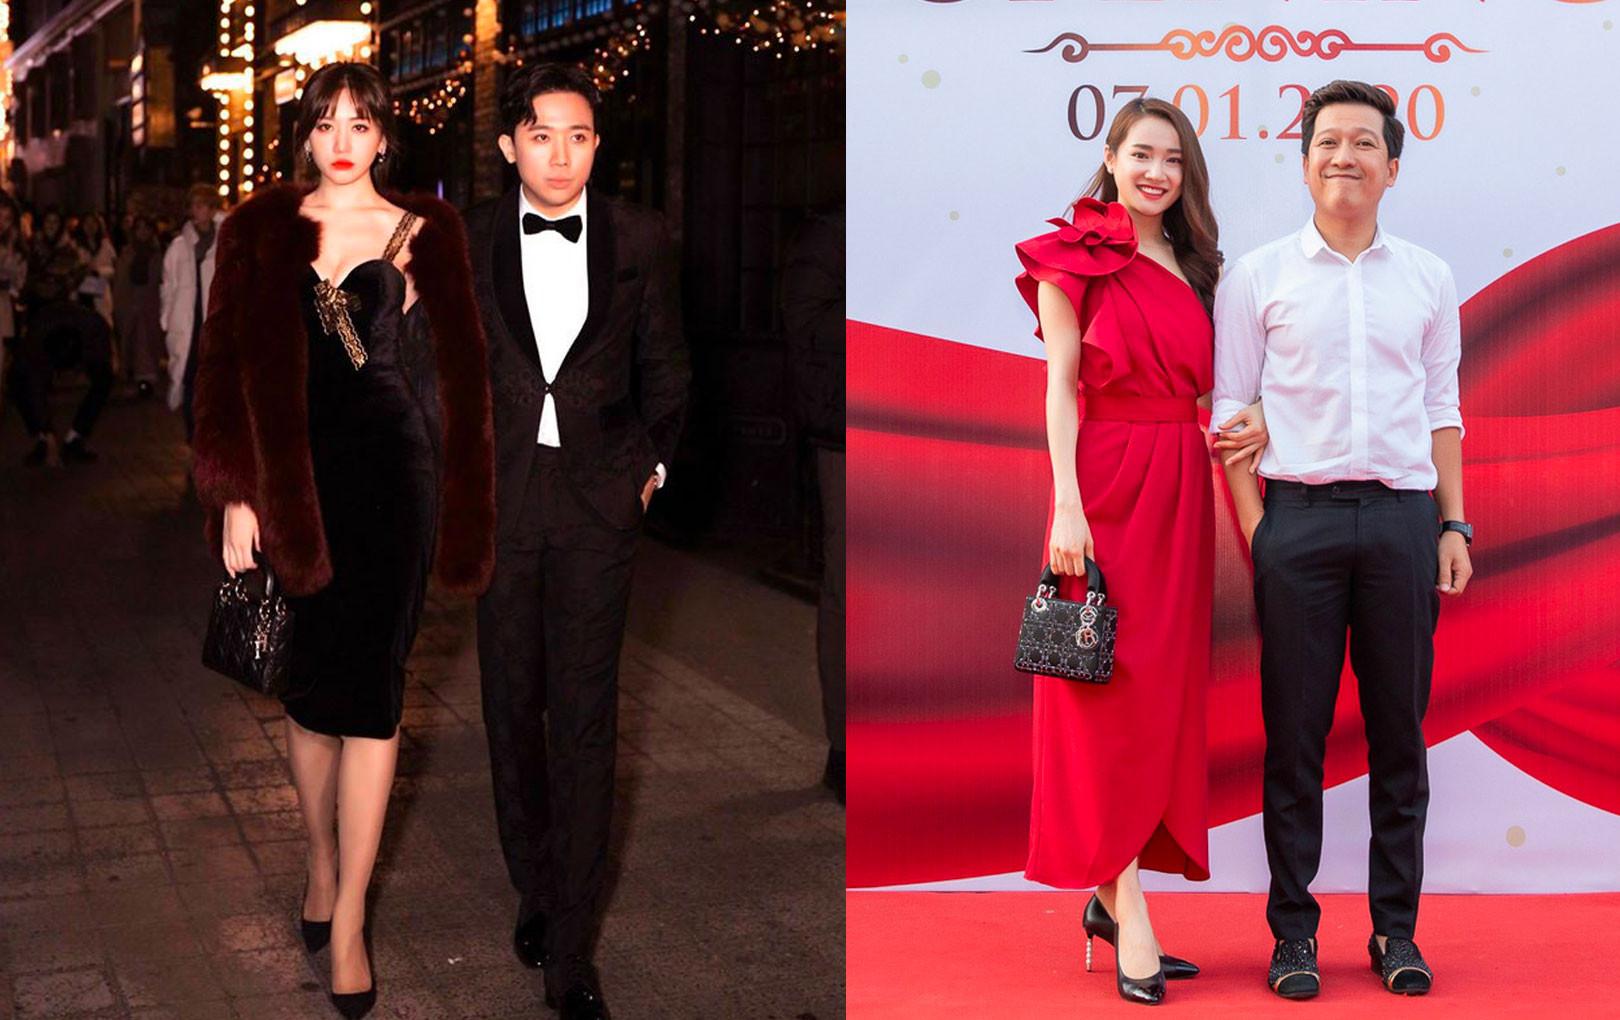 """Cái """"ngược"""" thú vị trong phong cách của hai cặp vợ chồng MC - danh hài hot nhất showbiz Việt từ khi kết hôn đến giờ"""